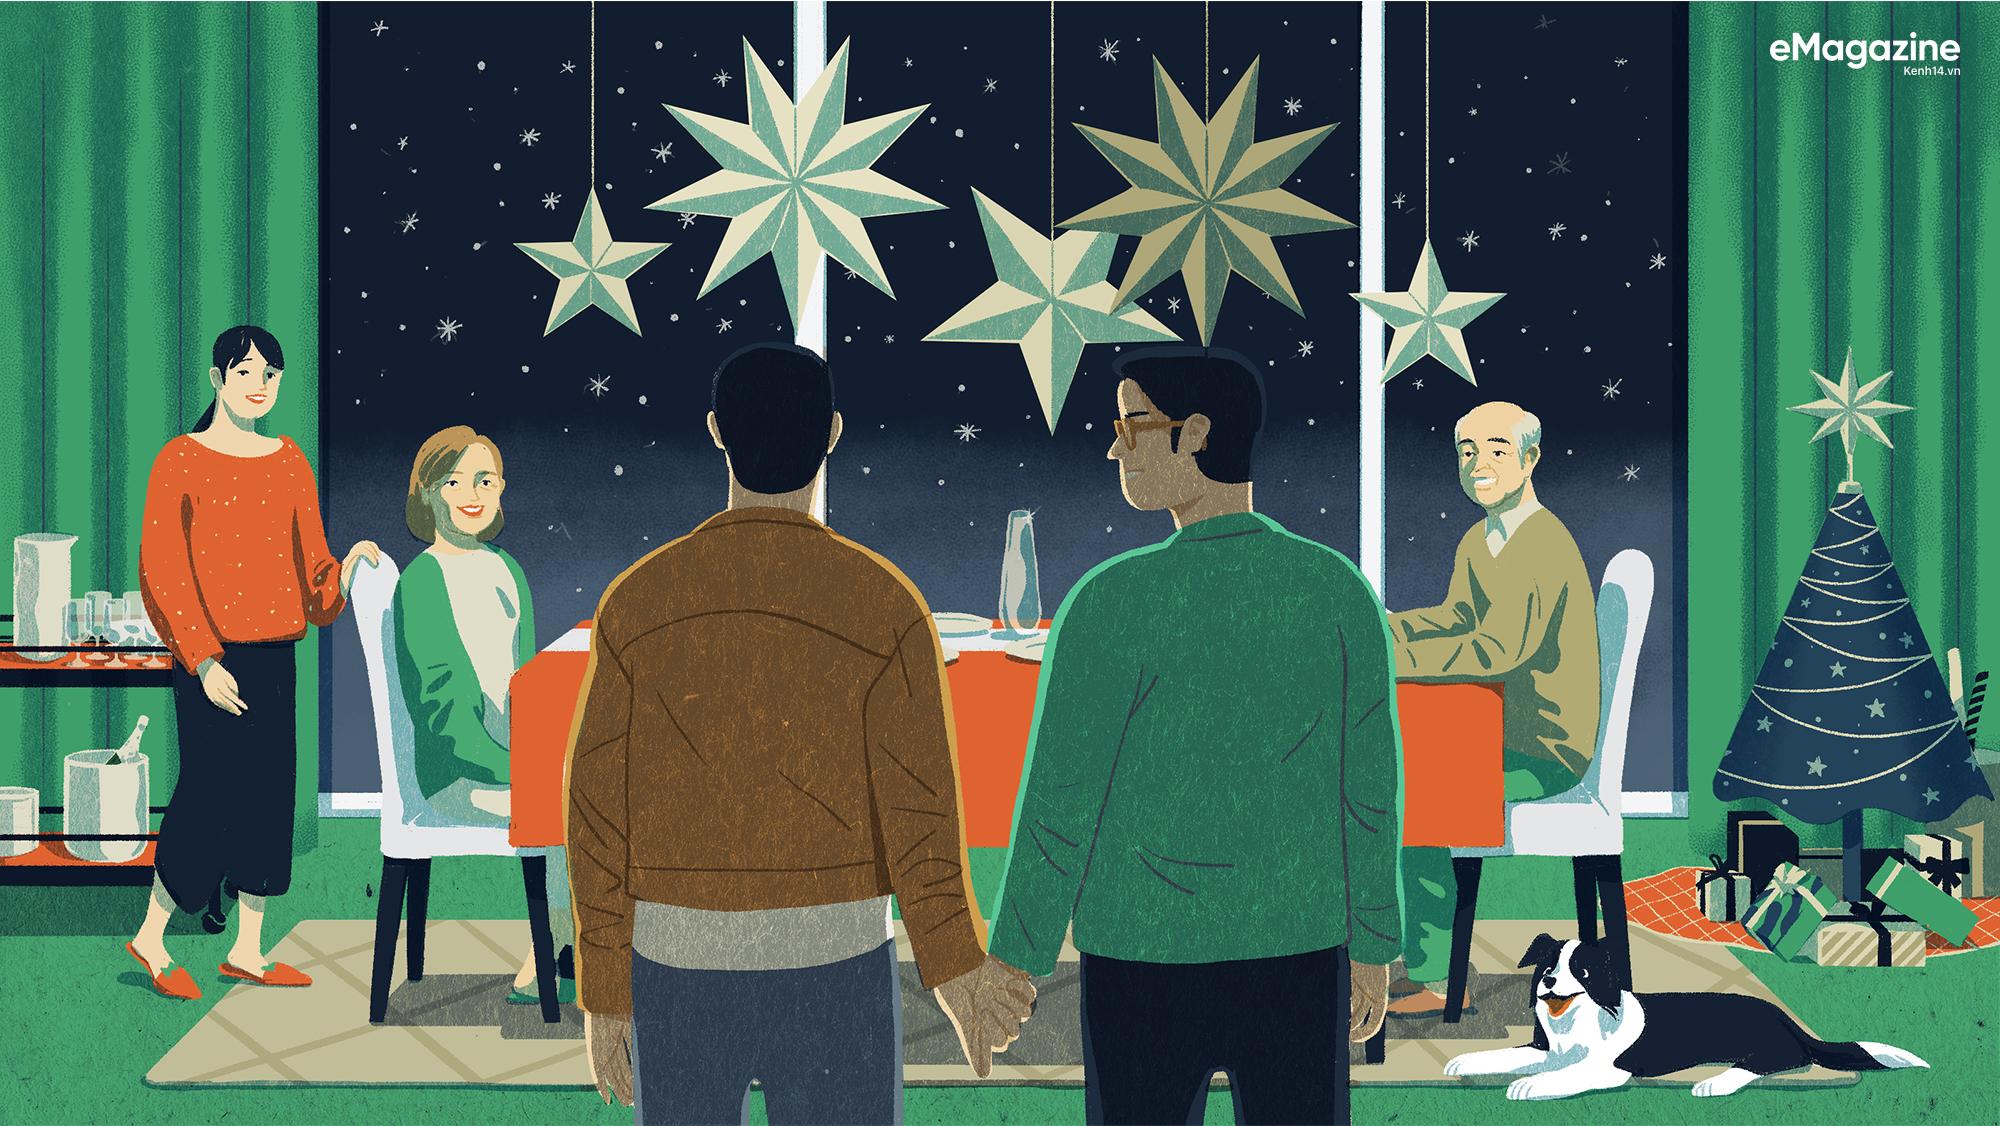 Không ai phải cô đơn trong đêm Giáng sinh - Ảnh 7.